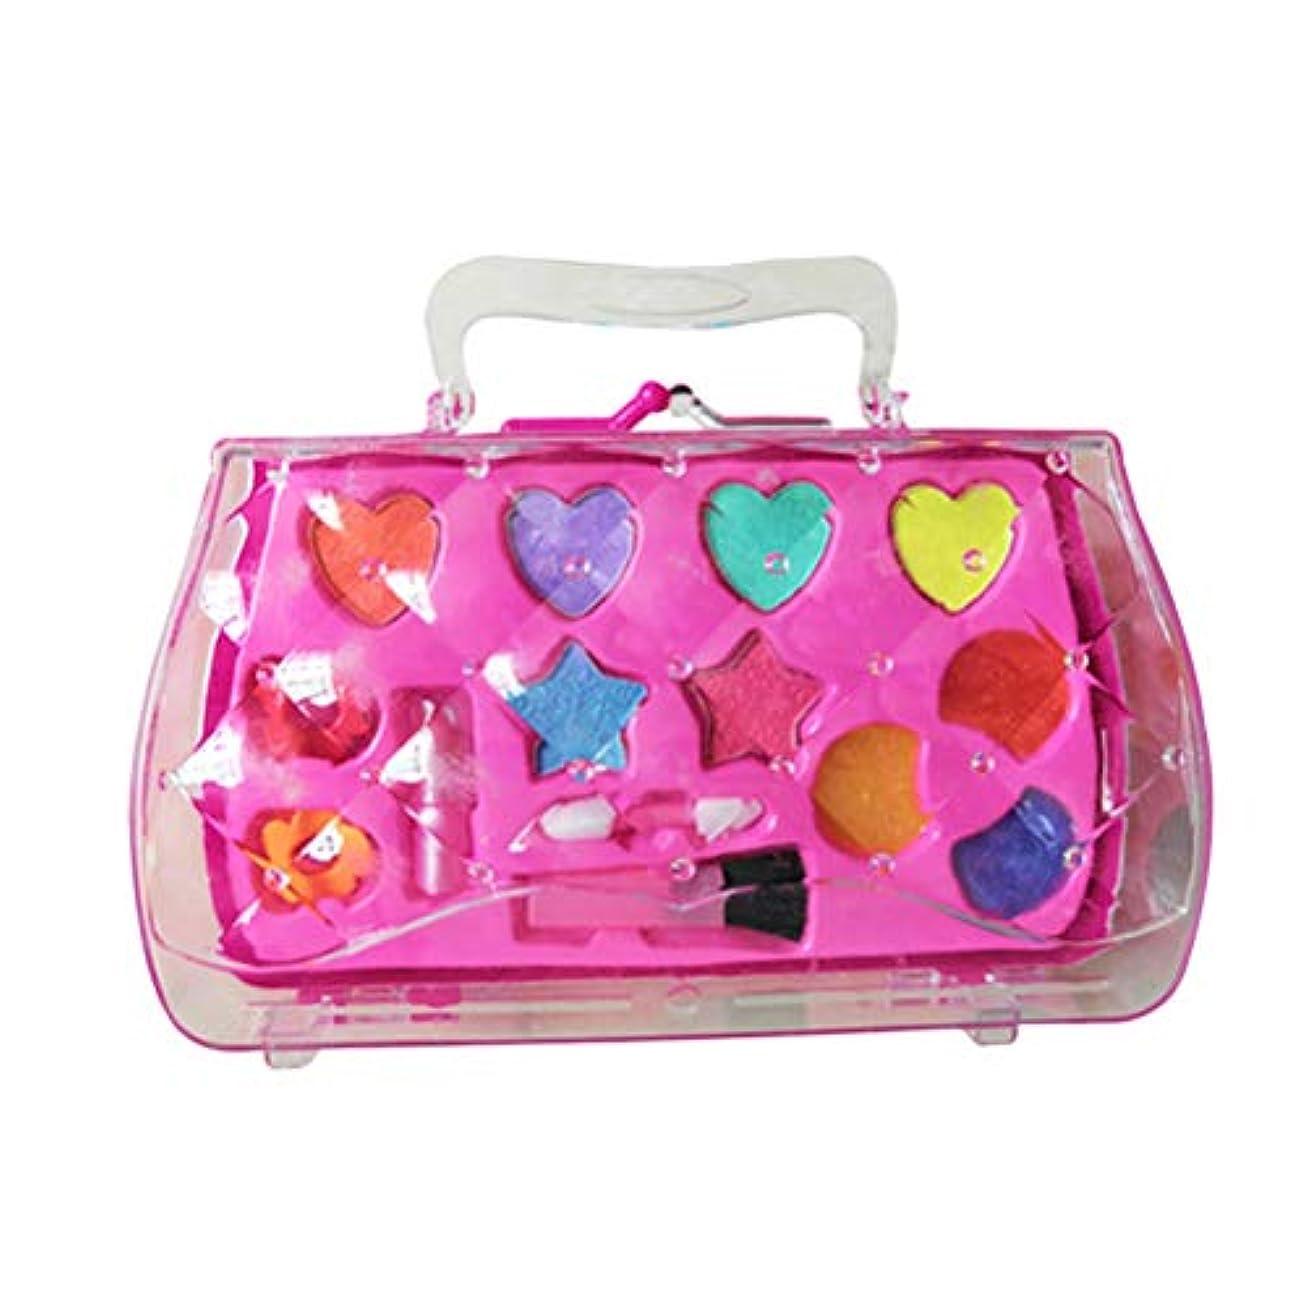 ご注意福祉かわすToyvian 女の子はおもちゃのセットを作る化粧品キットの口紅アイシャドーブラシ子供のためのおもちゃを作る女の子(ピンク)